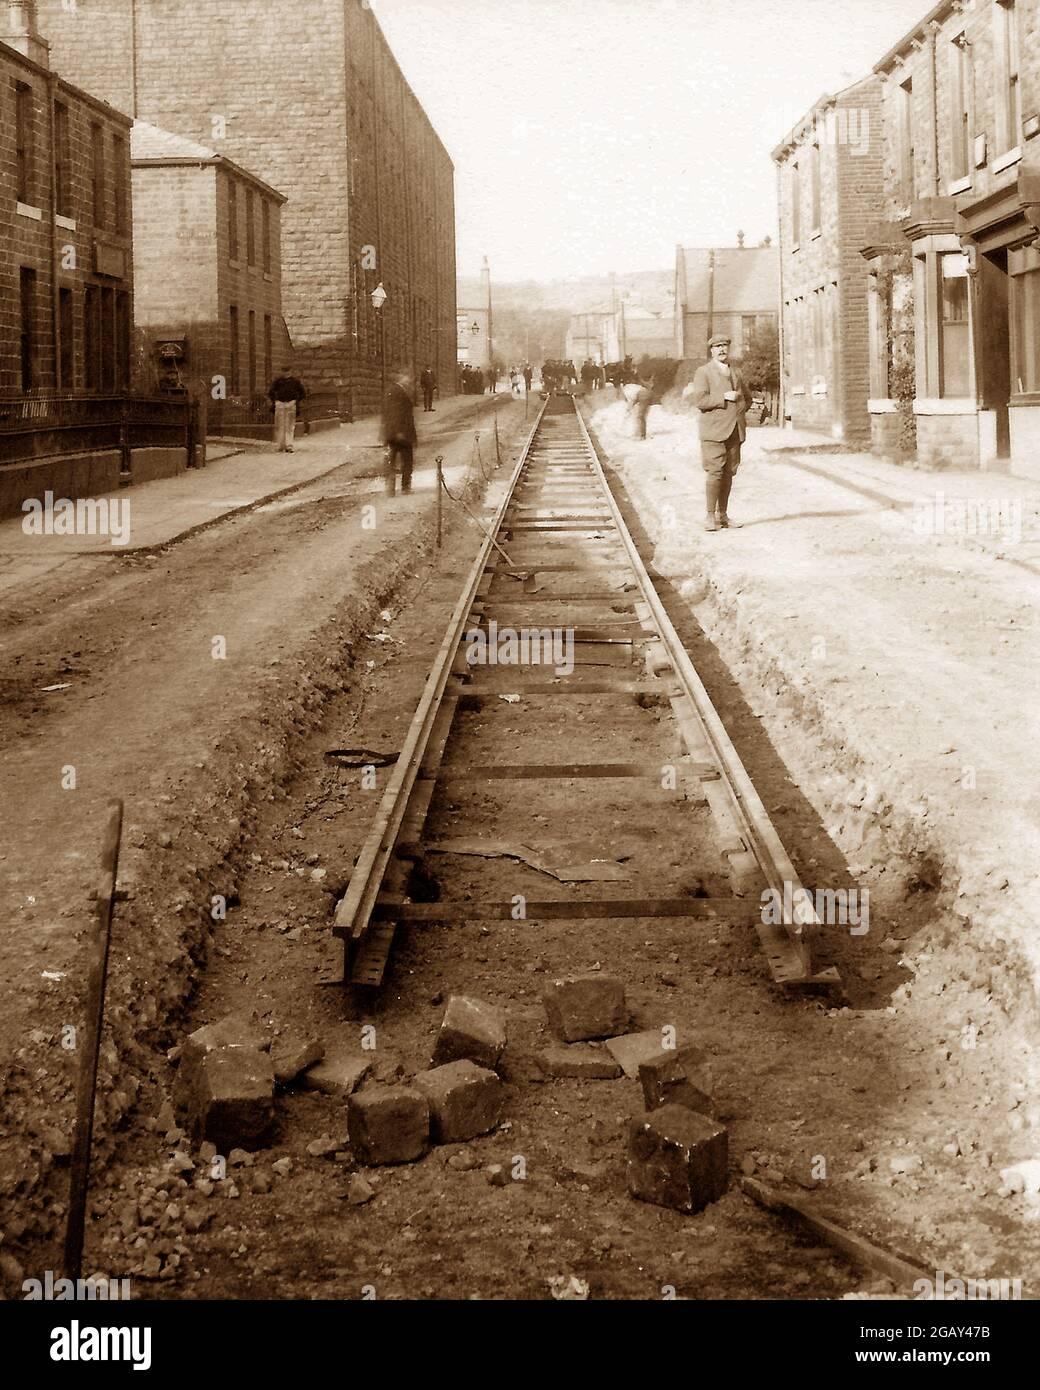 Pose de voies de tramway à Water, début 1900 Banque D'Images